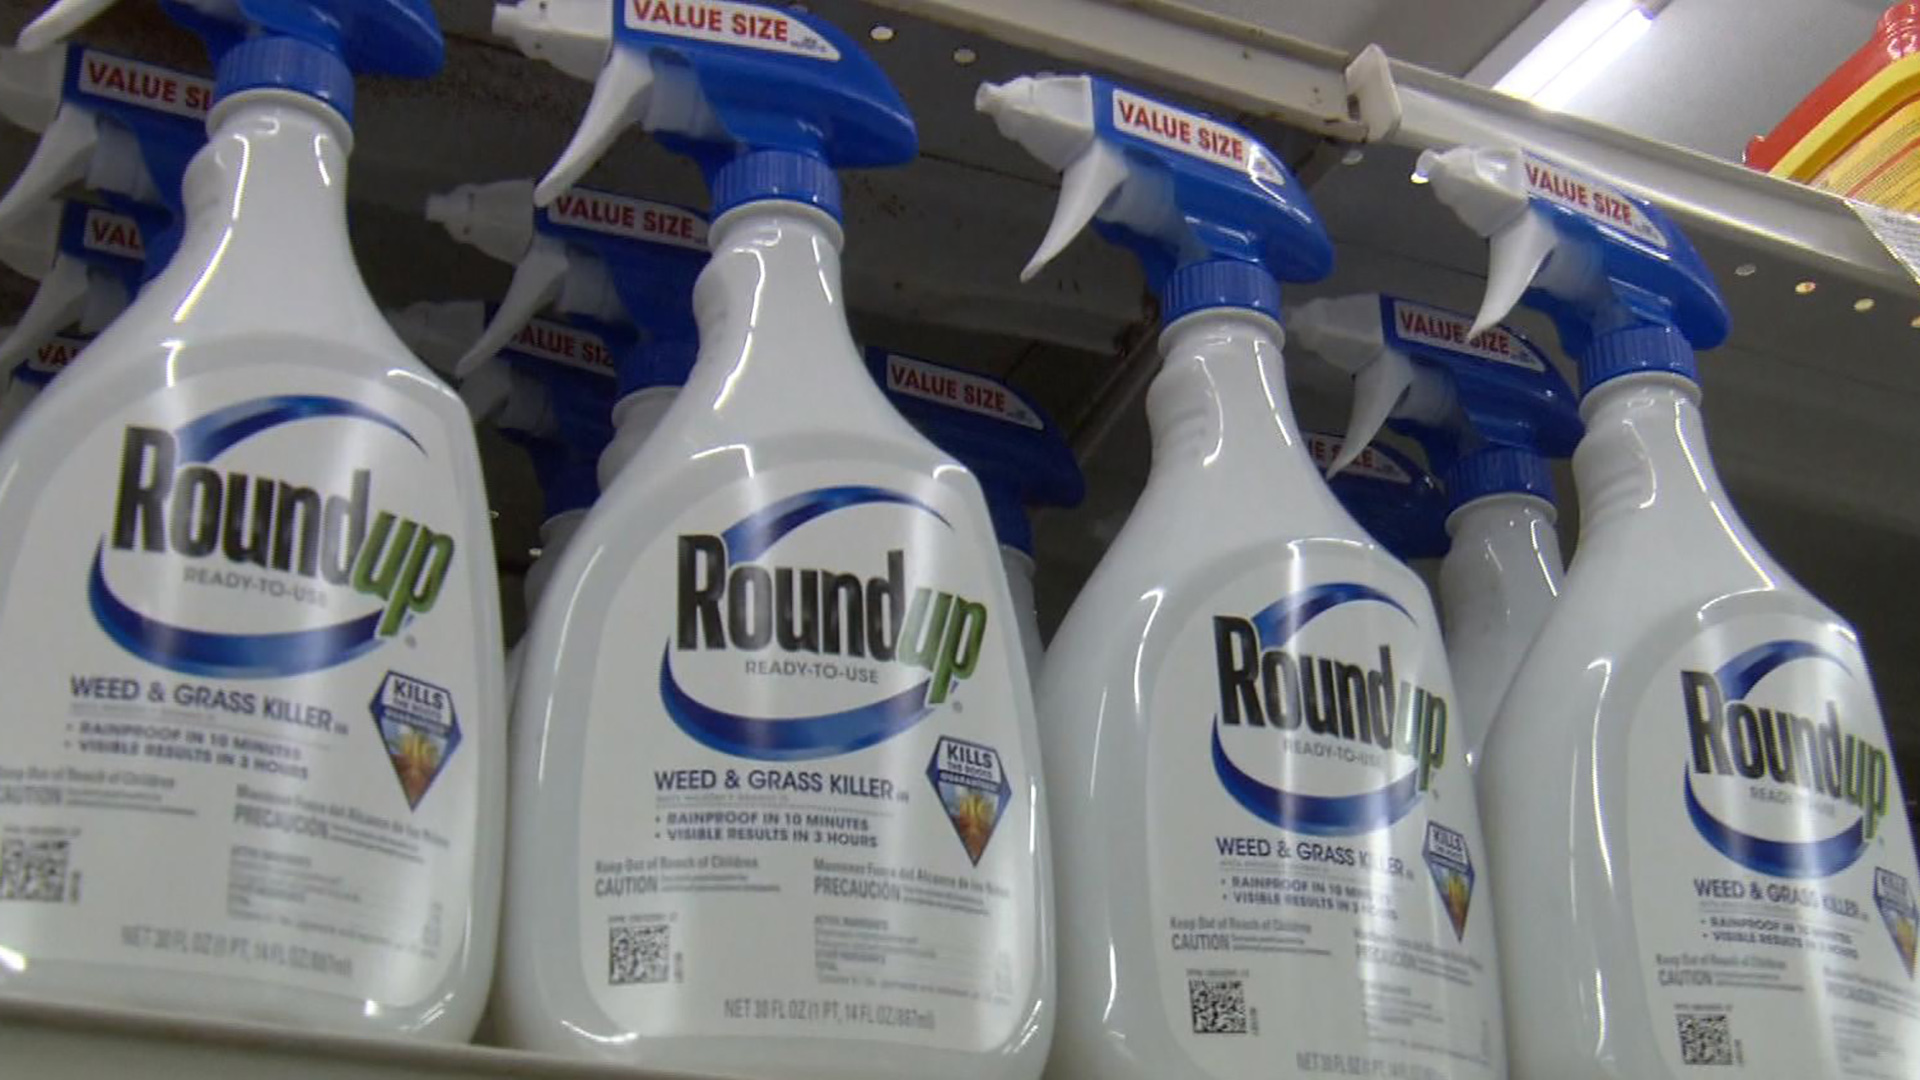 $2 billion verdict in Roundup cancer lawsuit